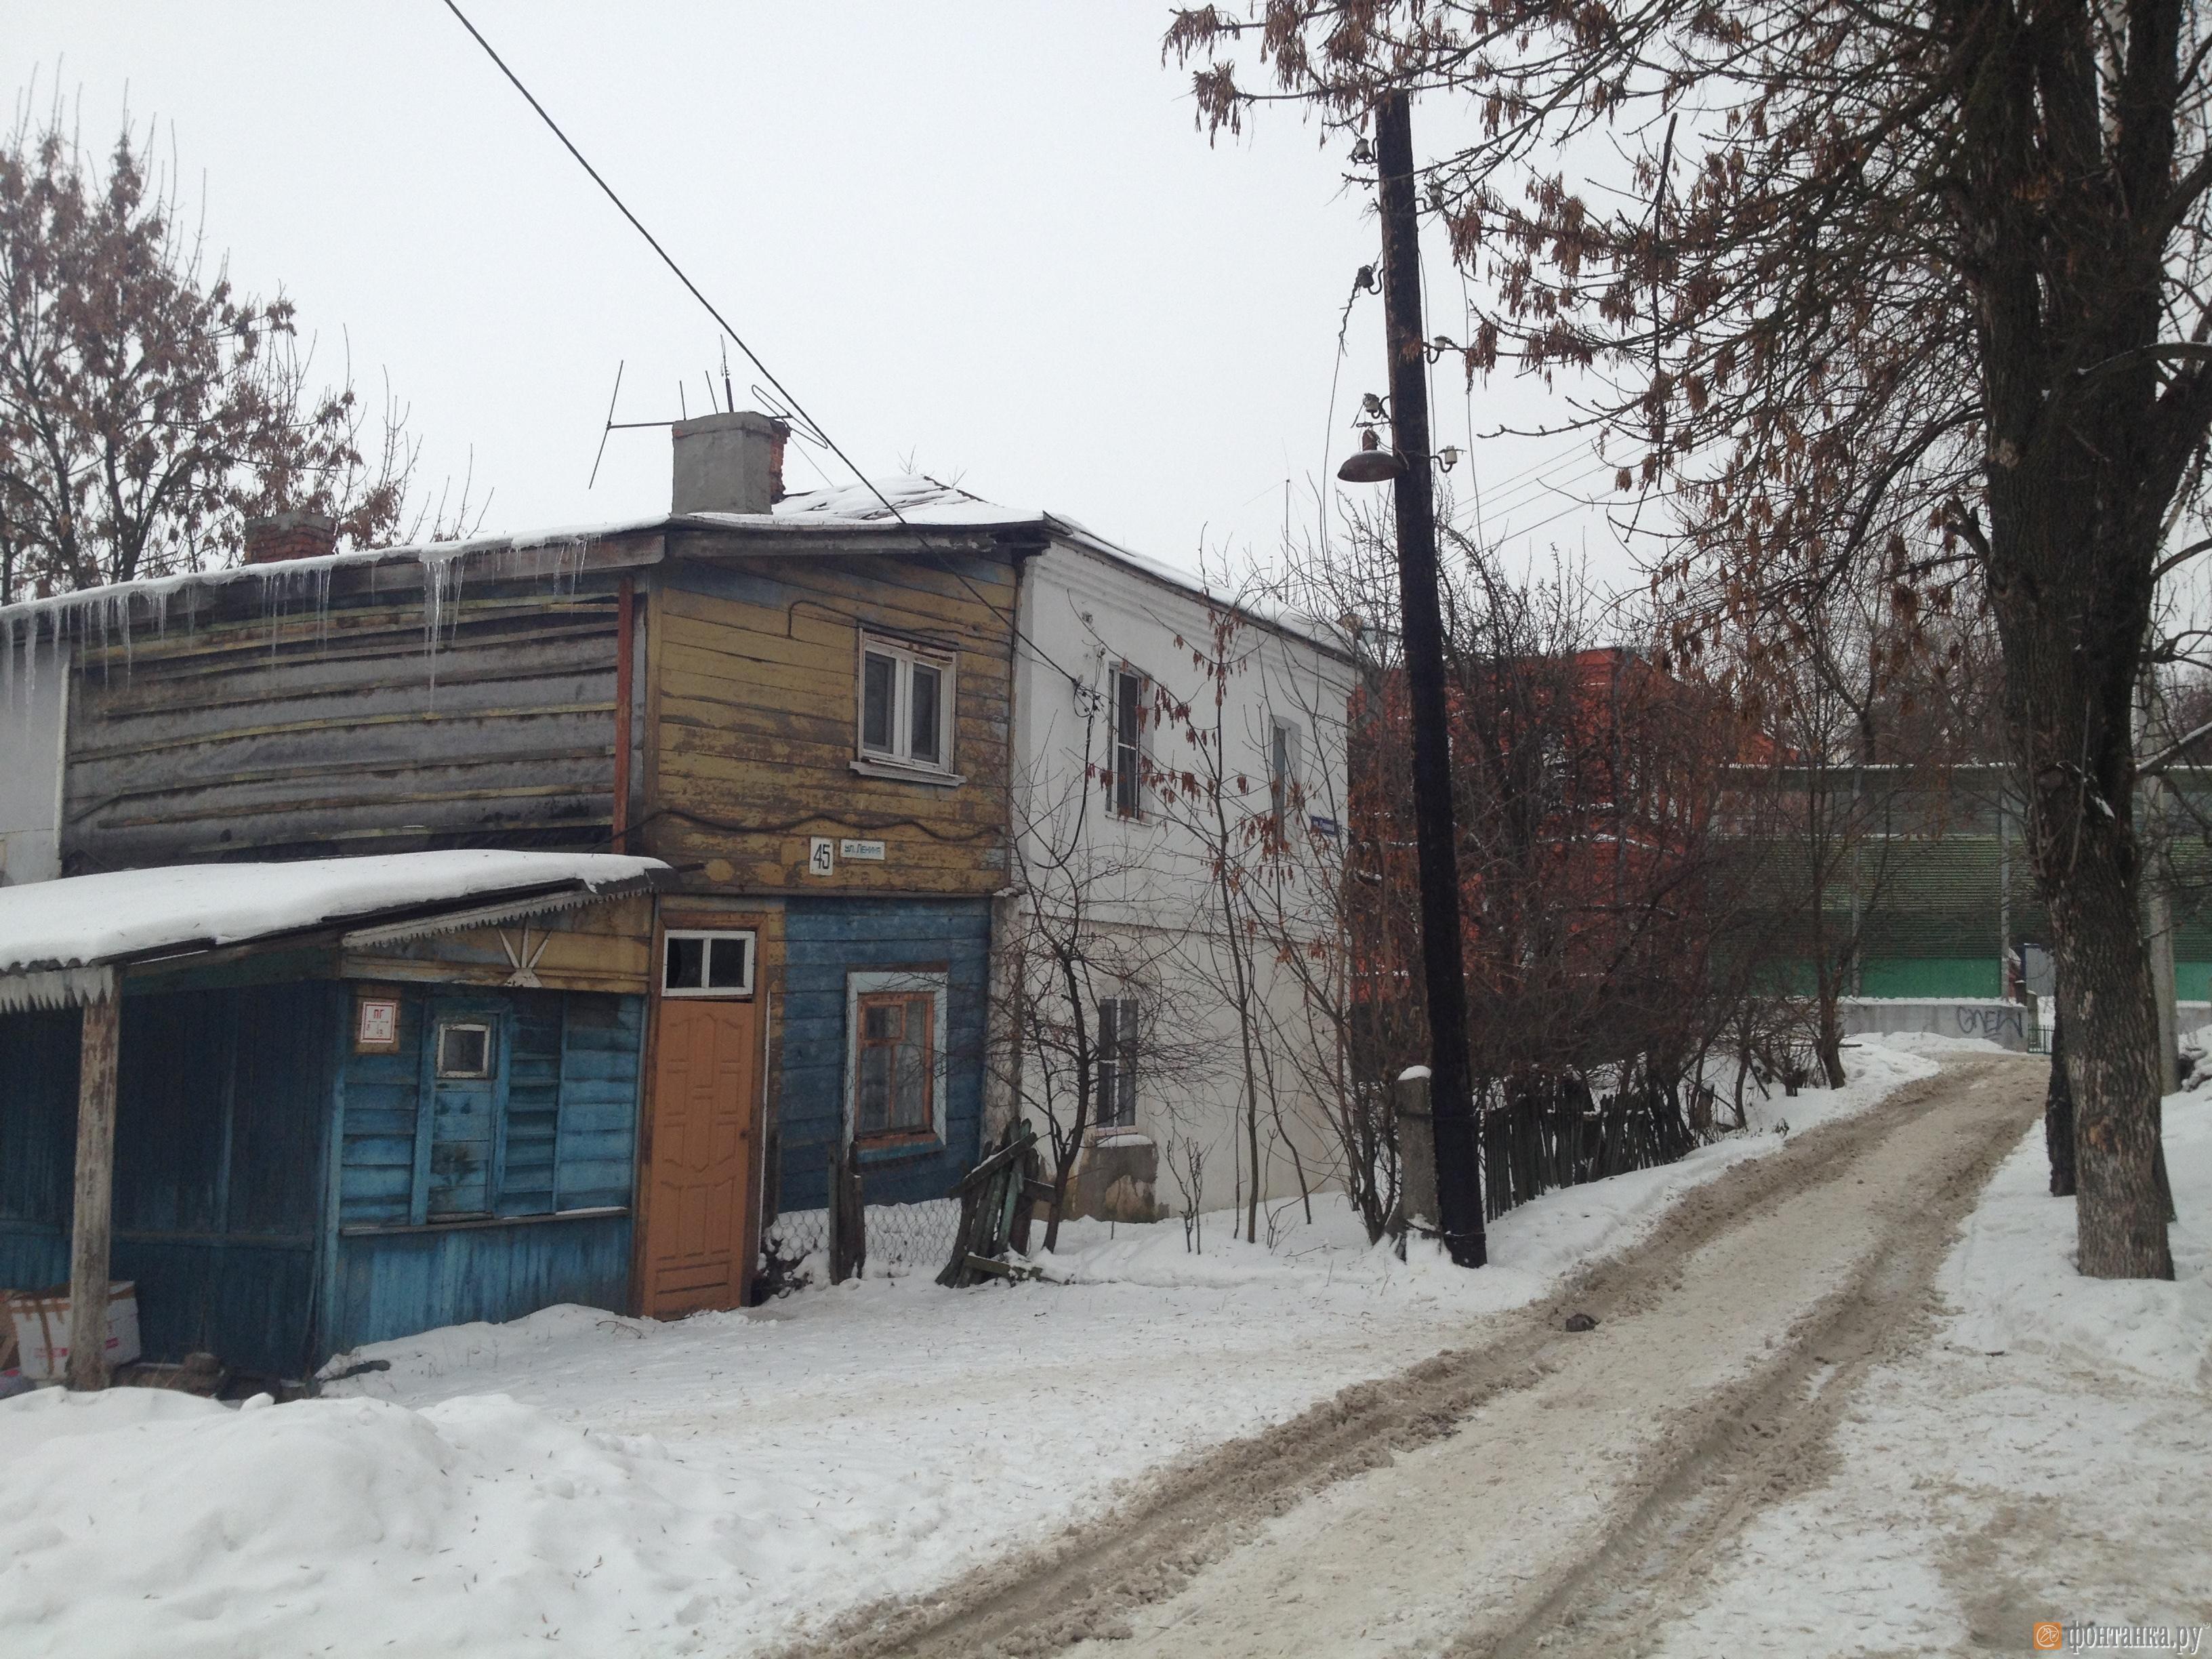 Улица в Боголюбове